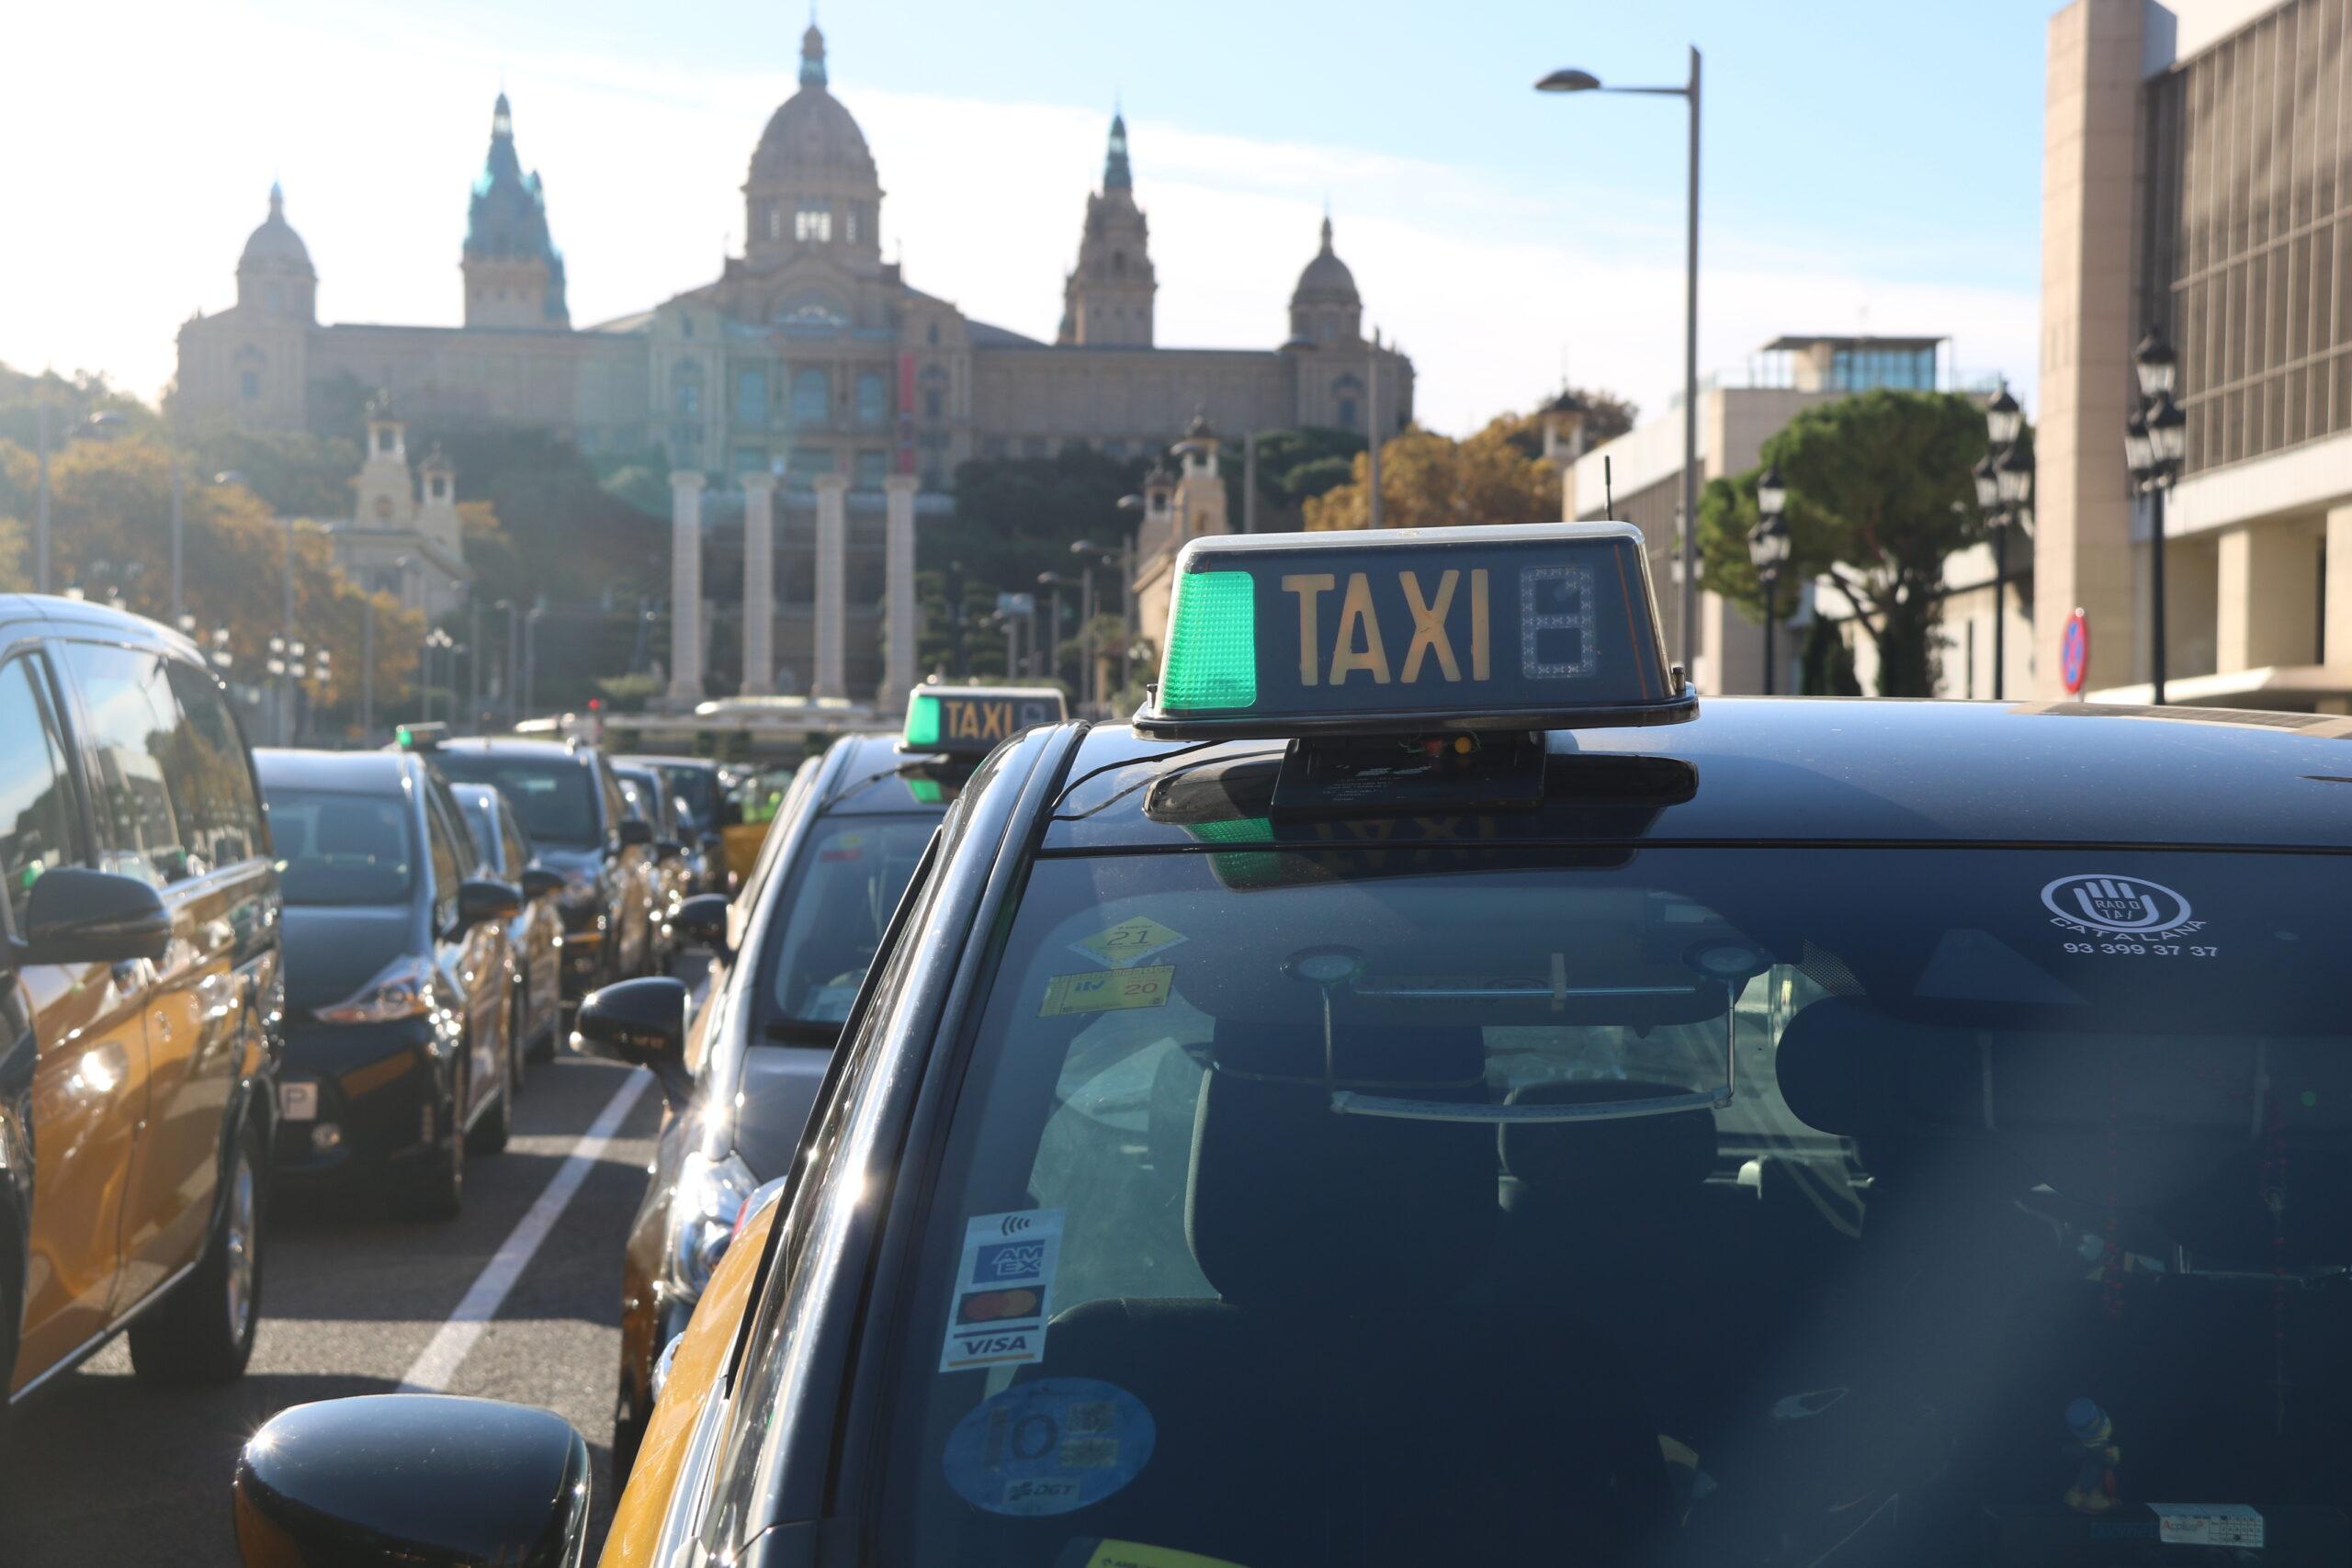 Un taxi durant de la concentració de taxistes a l'avinguda Maria Cristina amb el MNAC de fons prèvia a la marxa lenta per Barcelona / ACN